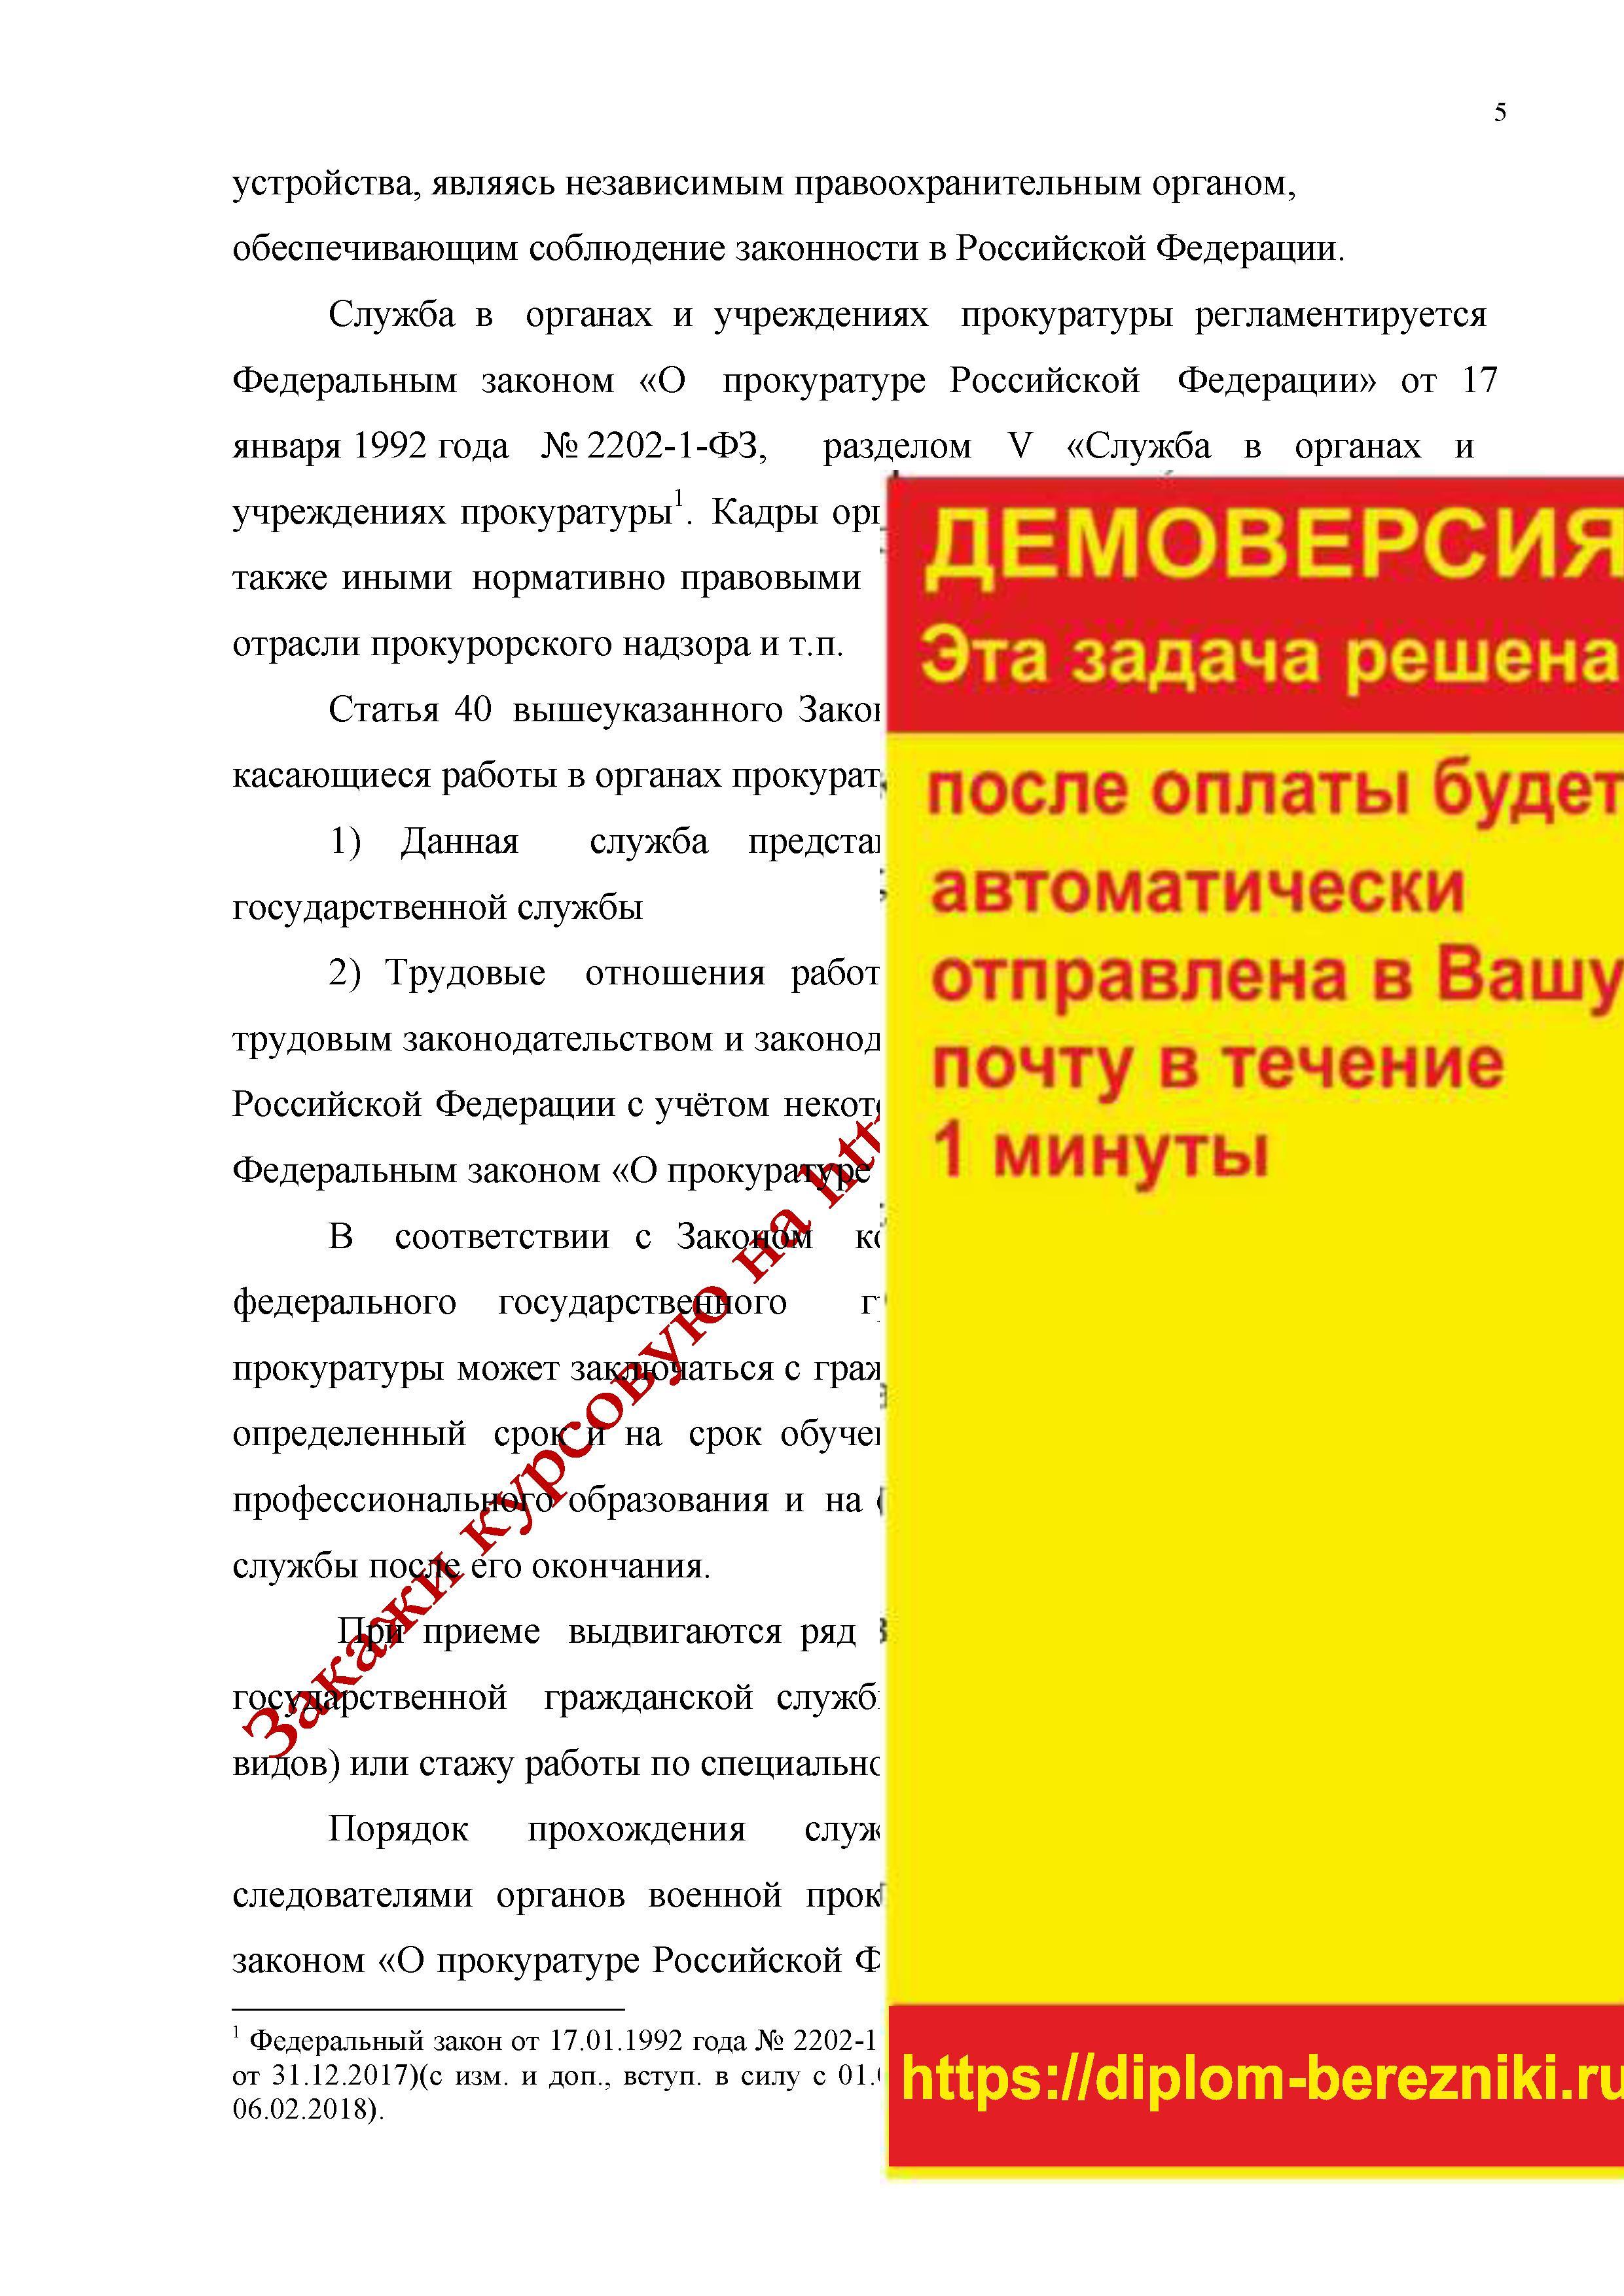 Нормативно-правовое урегулирование службы в органах прокуратуры и его содержание